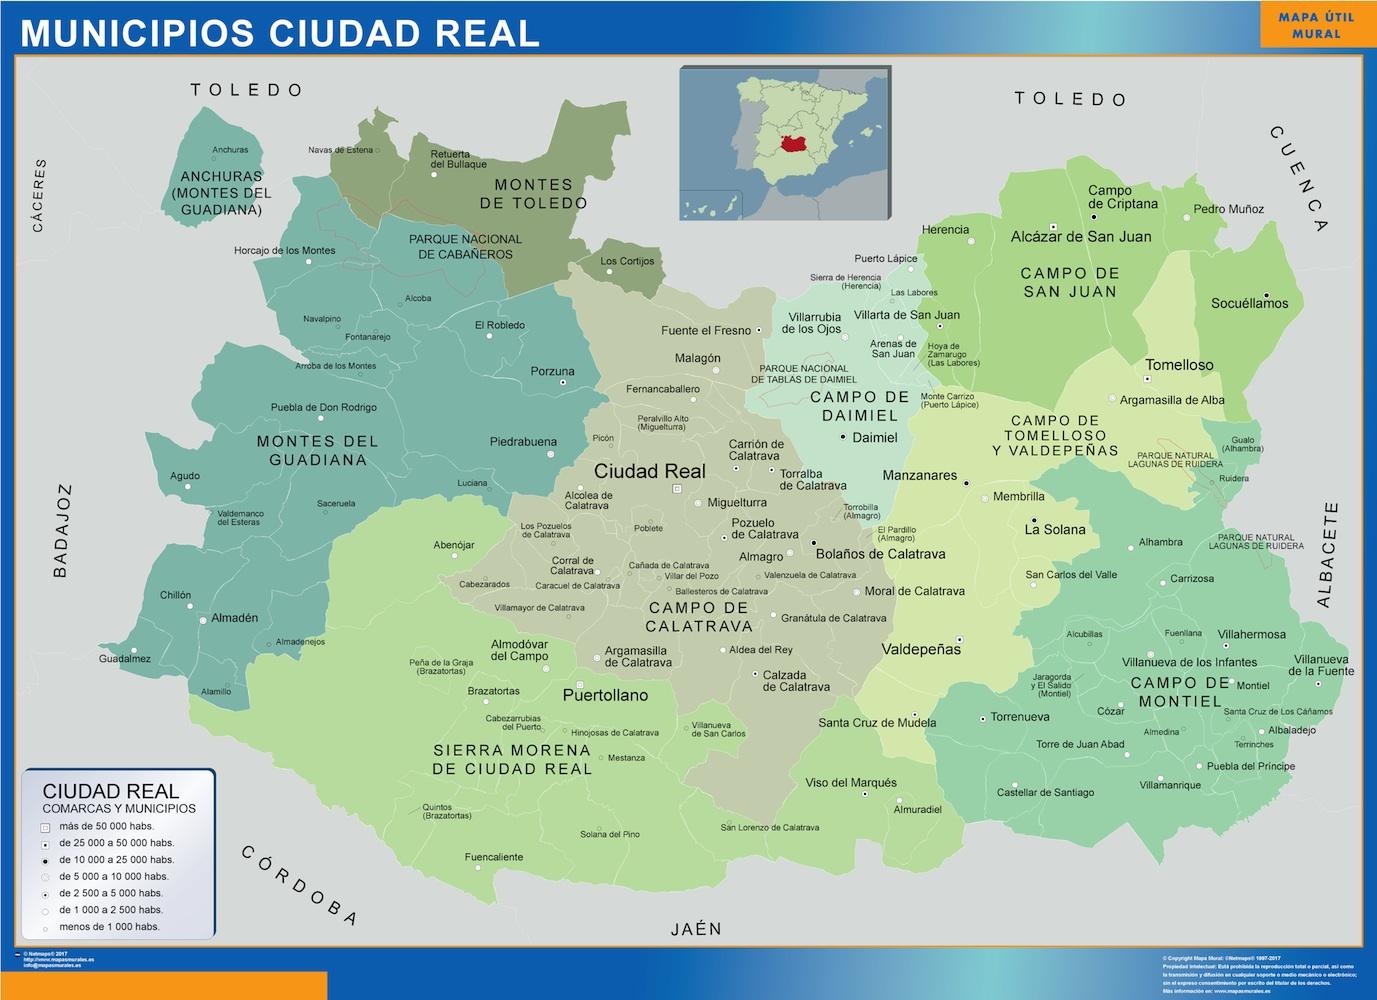 Mapa Ciudad Real por municipios plastificado gigante